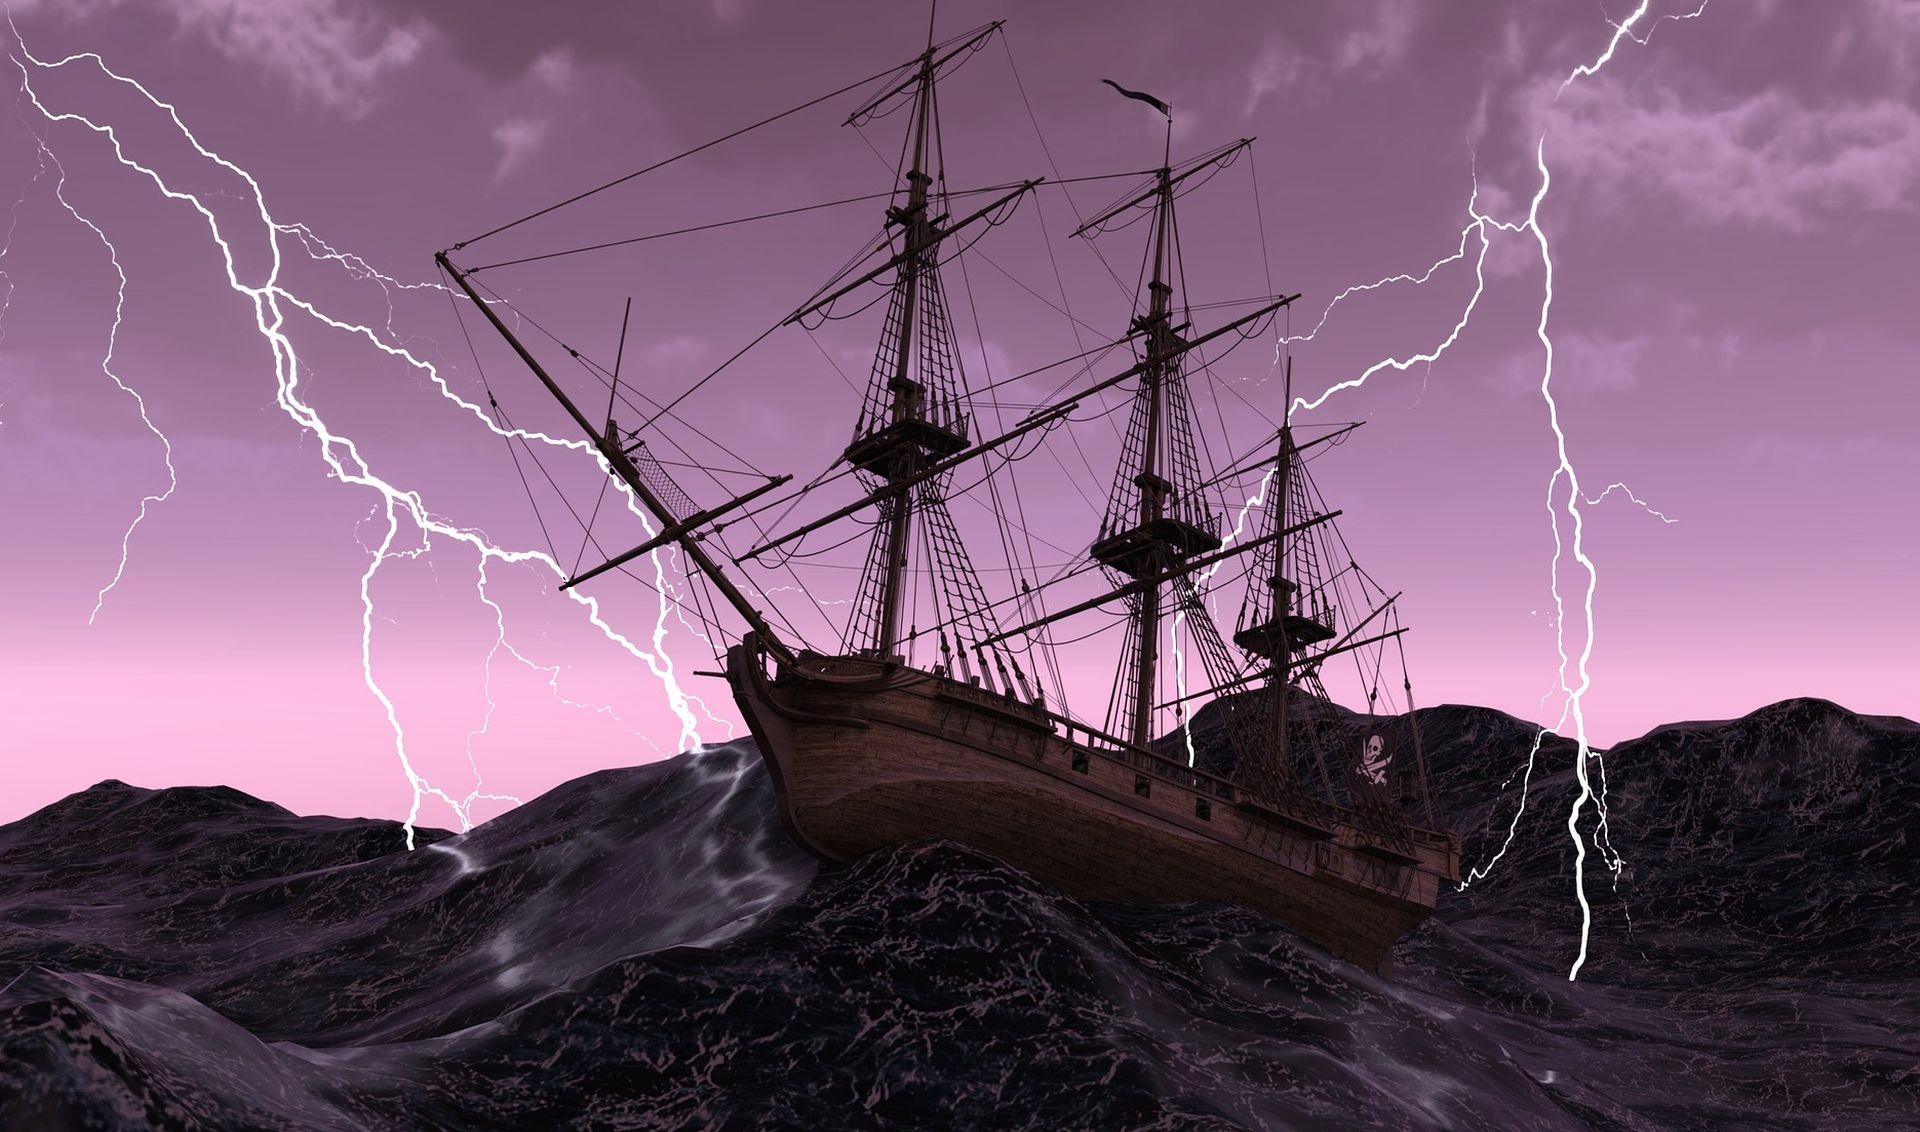 Olujni vjetar s kišom rušio stabla, trgao tende u Dubrovniku